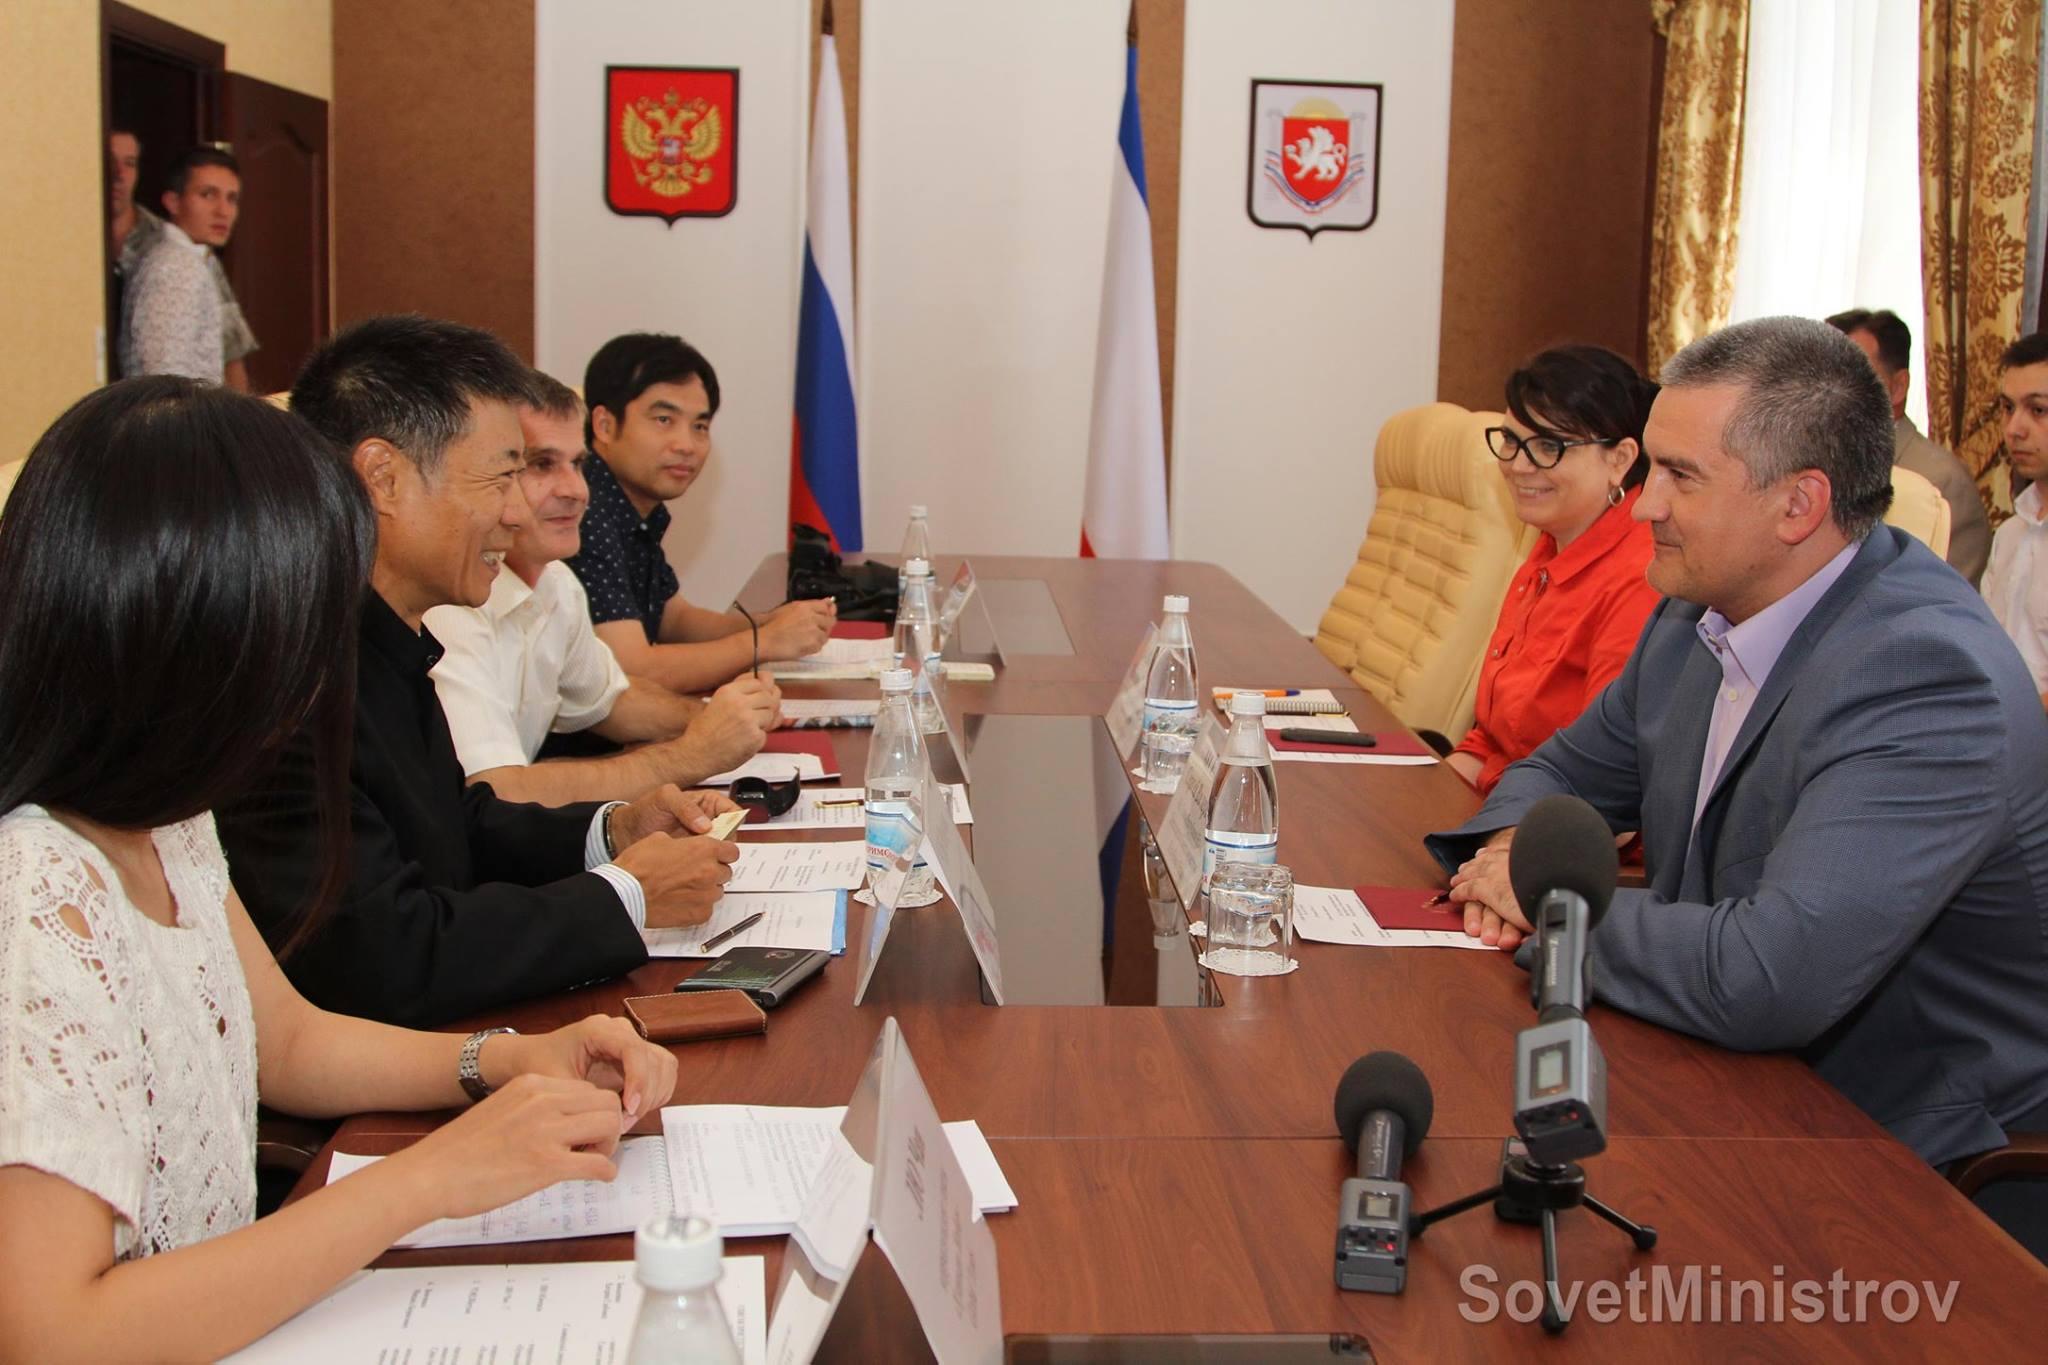 Сергей Аксенов: правительство Крыма открыто для сотрудничества с представителями разных стран